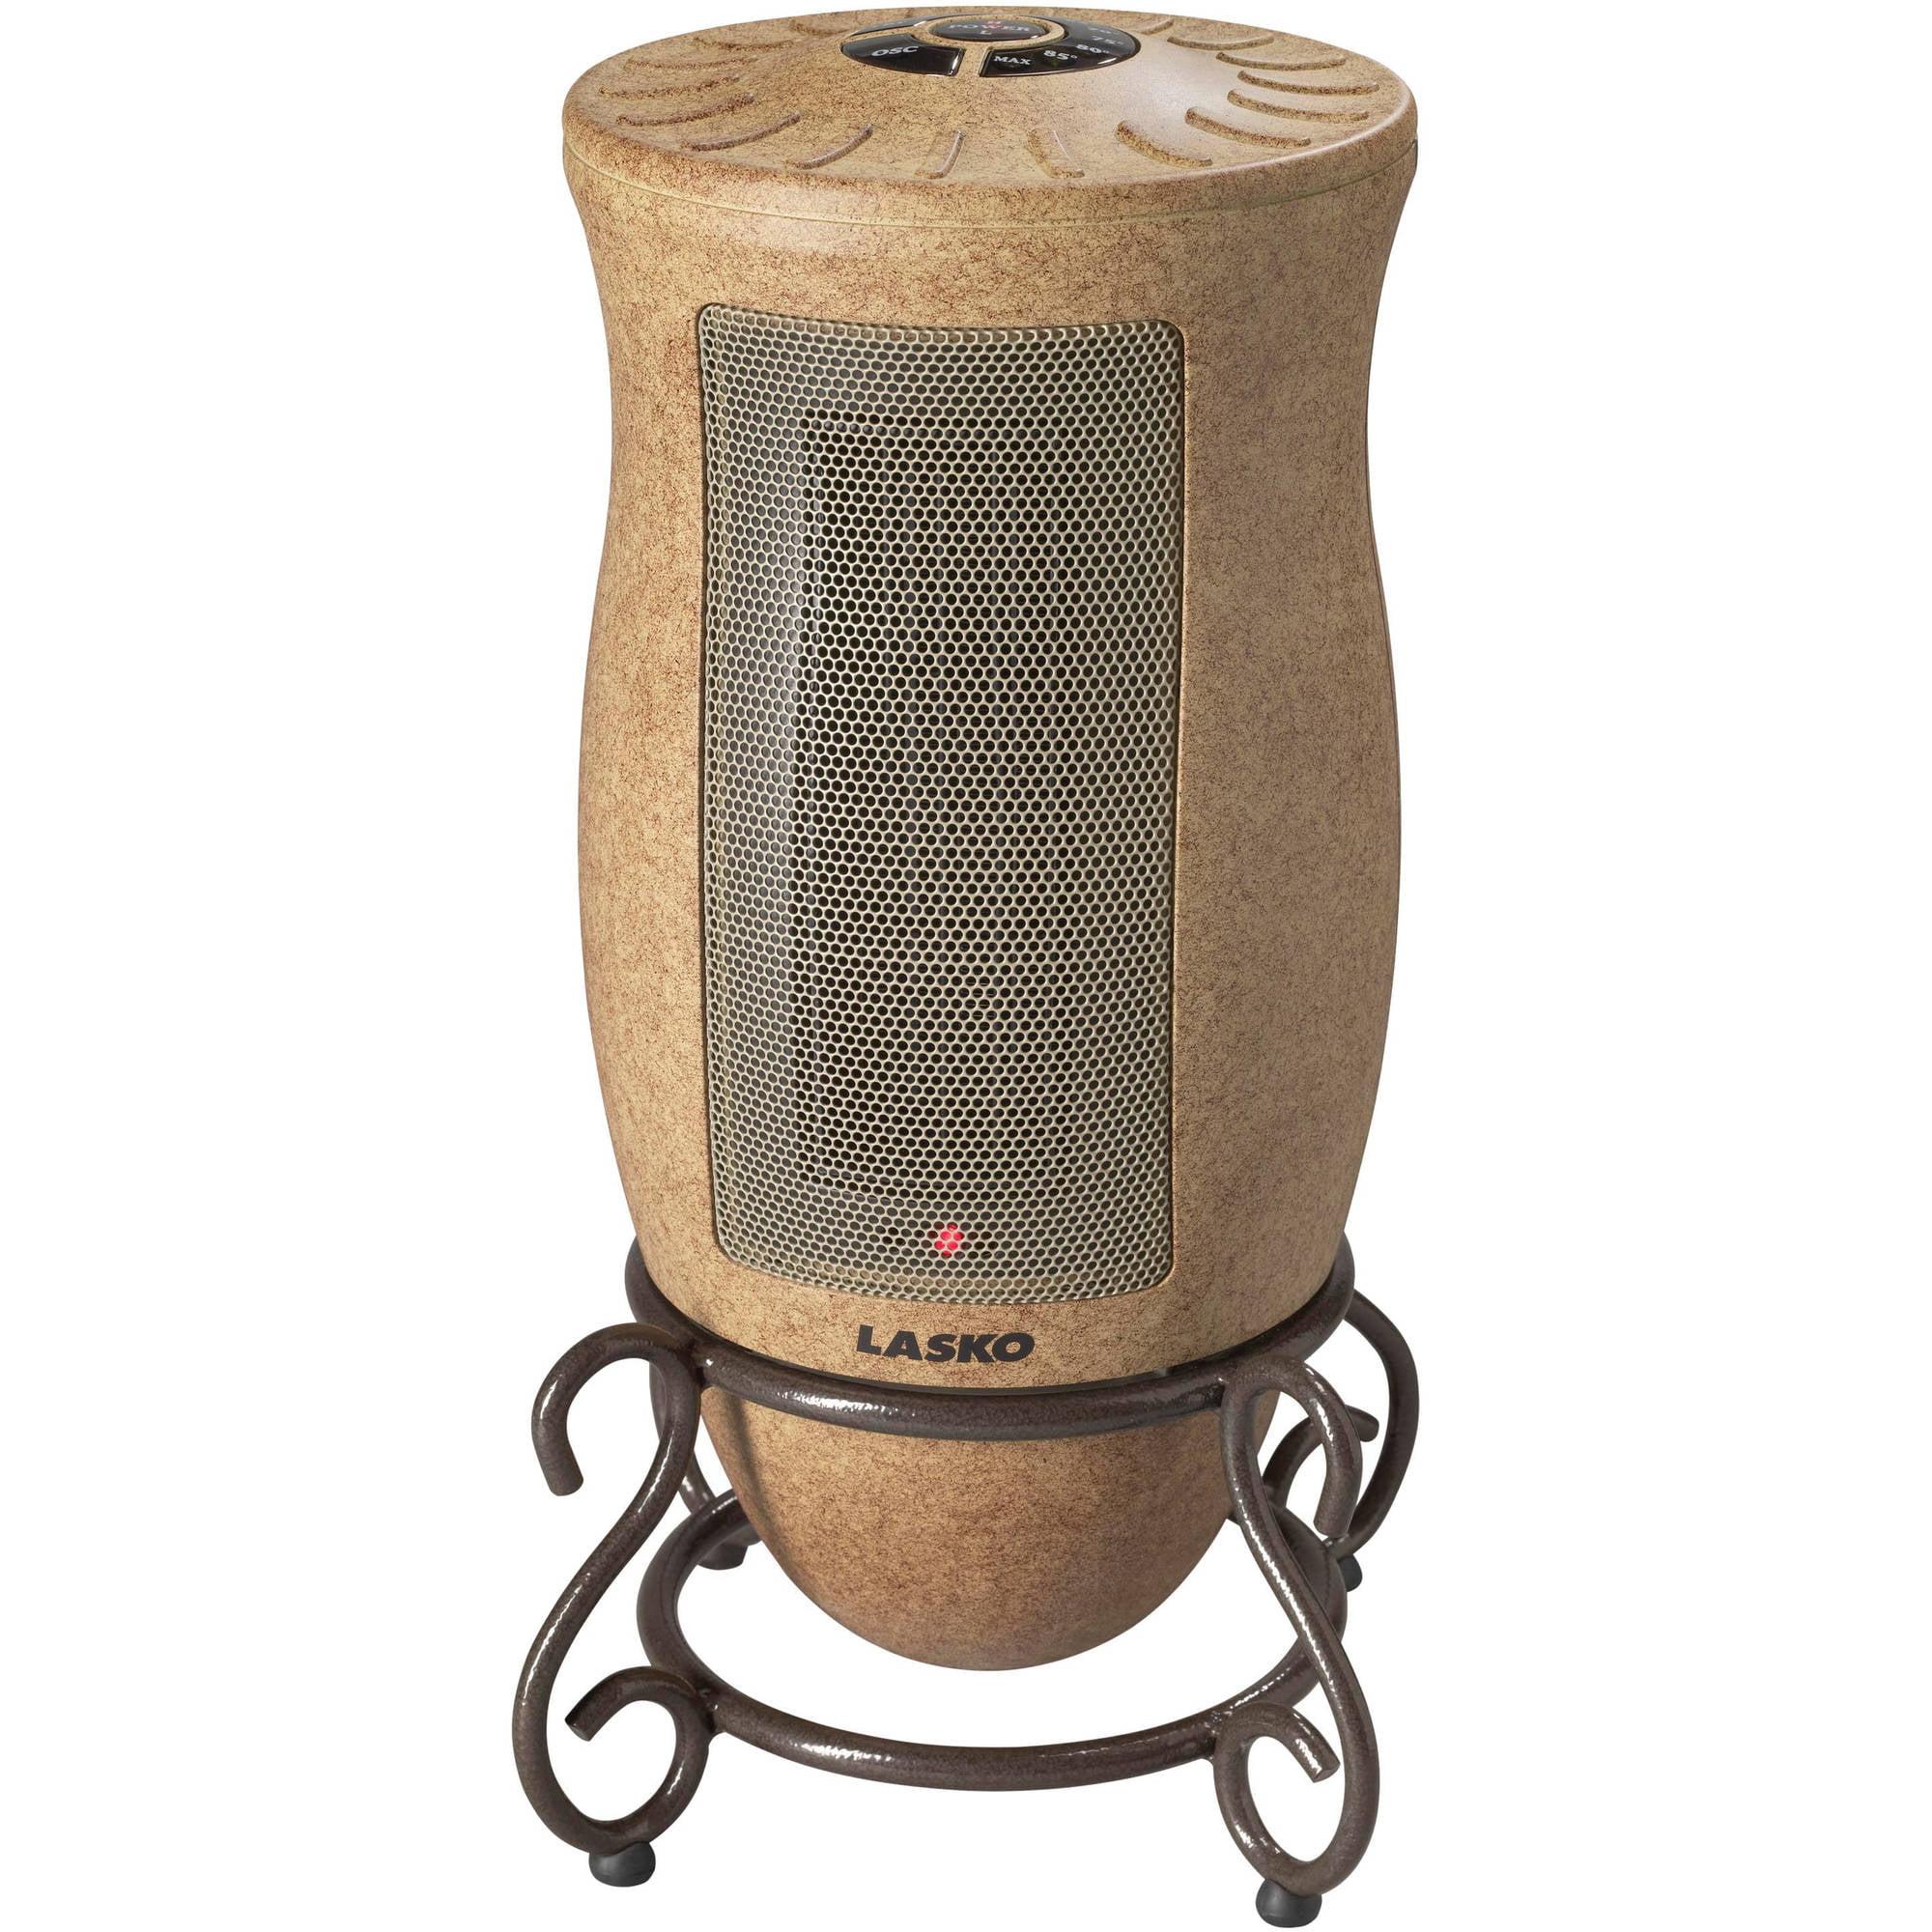 Lasko Designer Series Oscillating Ceramic Electric Portable Space Heater